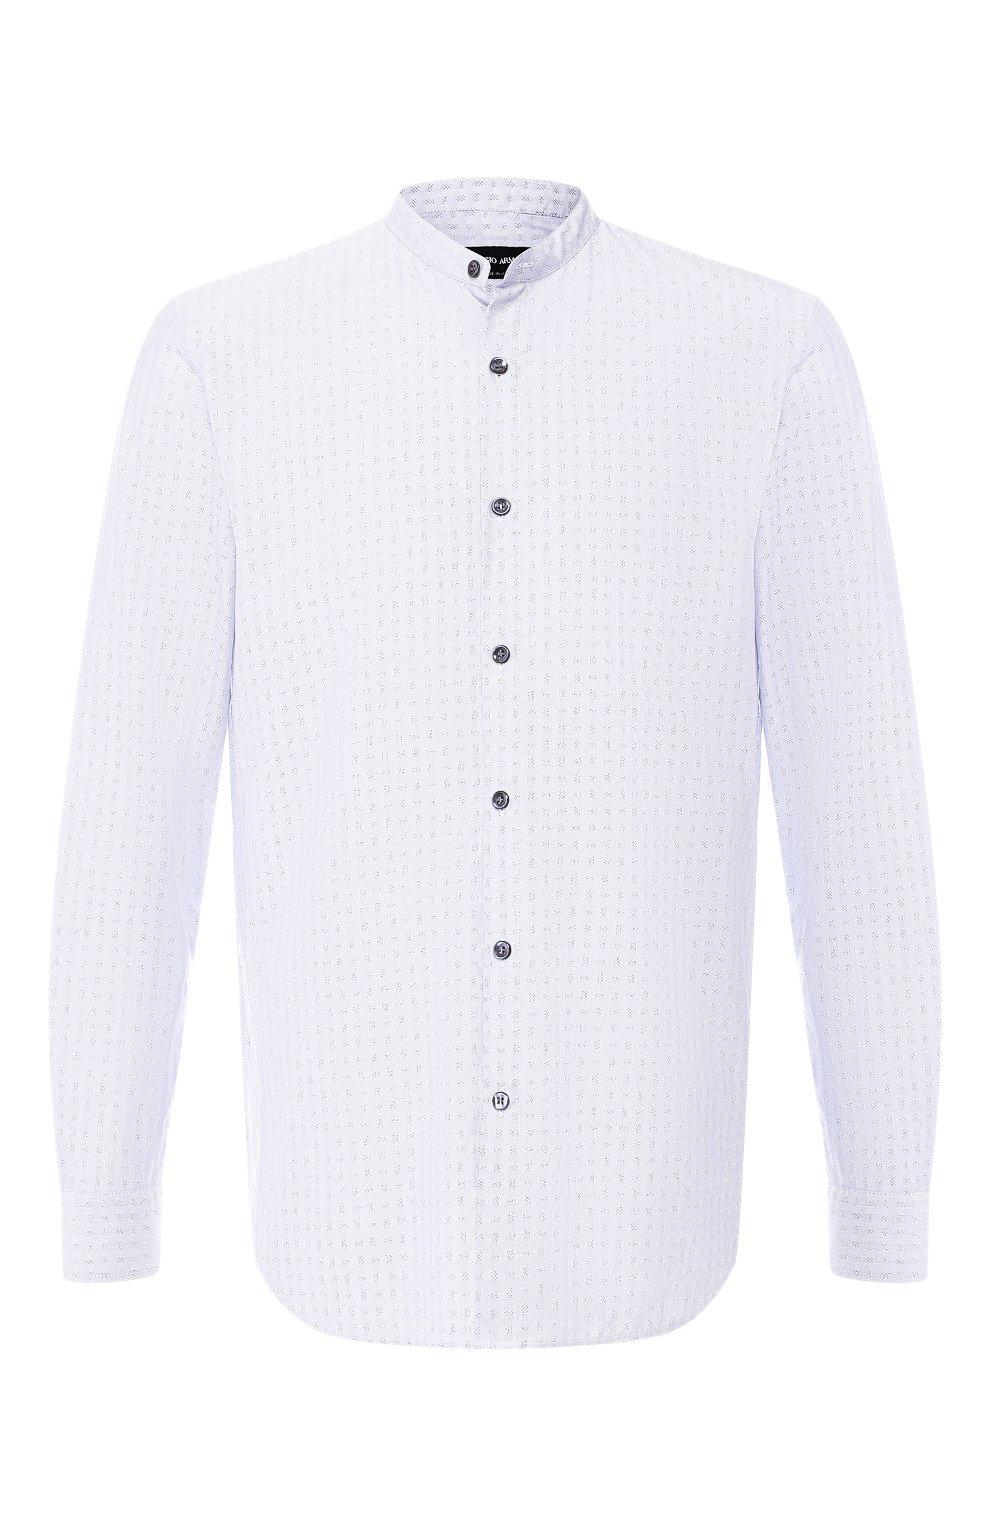 Мужская хлопковая рубашка с воротником мандарин GIORGIO ARMANI серого цвета, арт. 9SGCCZ13/TZ213 | Фото 1